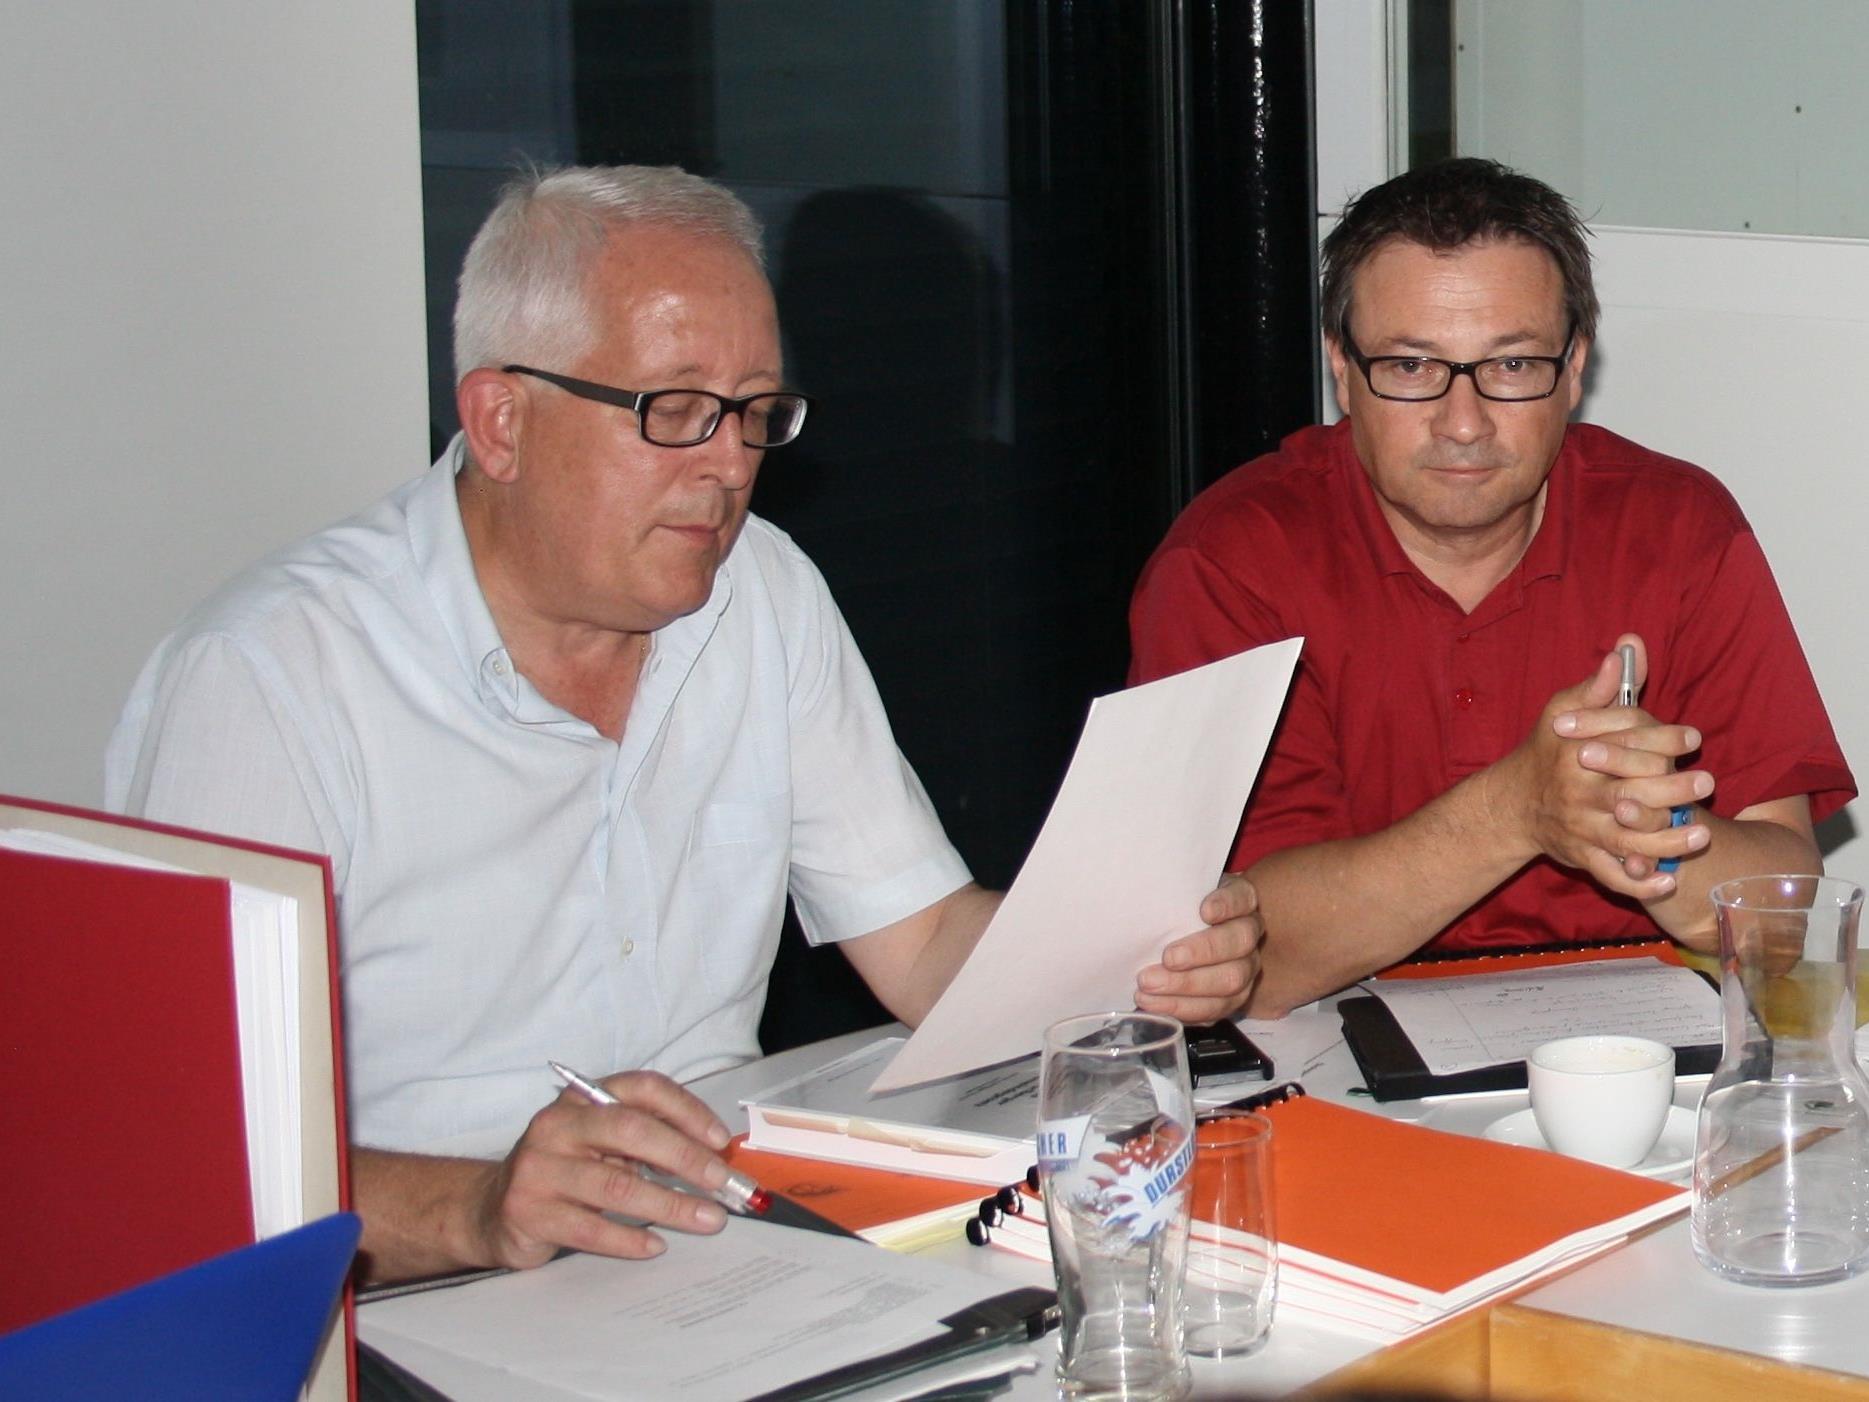 BU: Die Lochauer Gemeindemandatare tagen wieder am Dienstag, 14. März um 20 Uhr im Gemeindeamt. Im Bild Bgm. Michael Simma und Vize-Bgm. Christophorus Schmid.